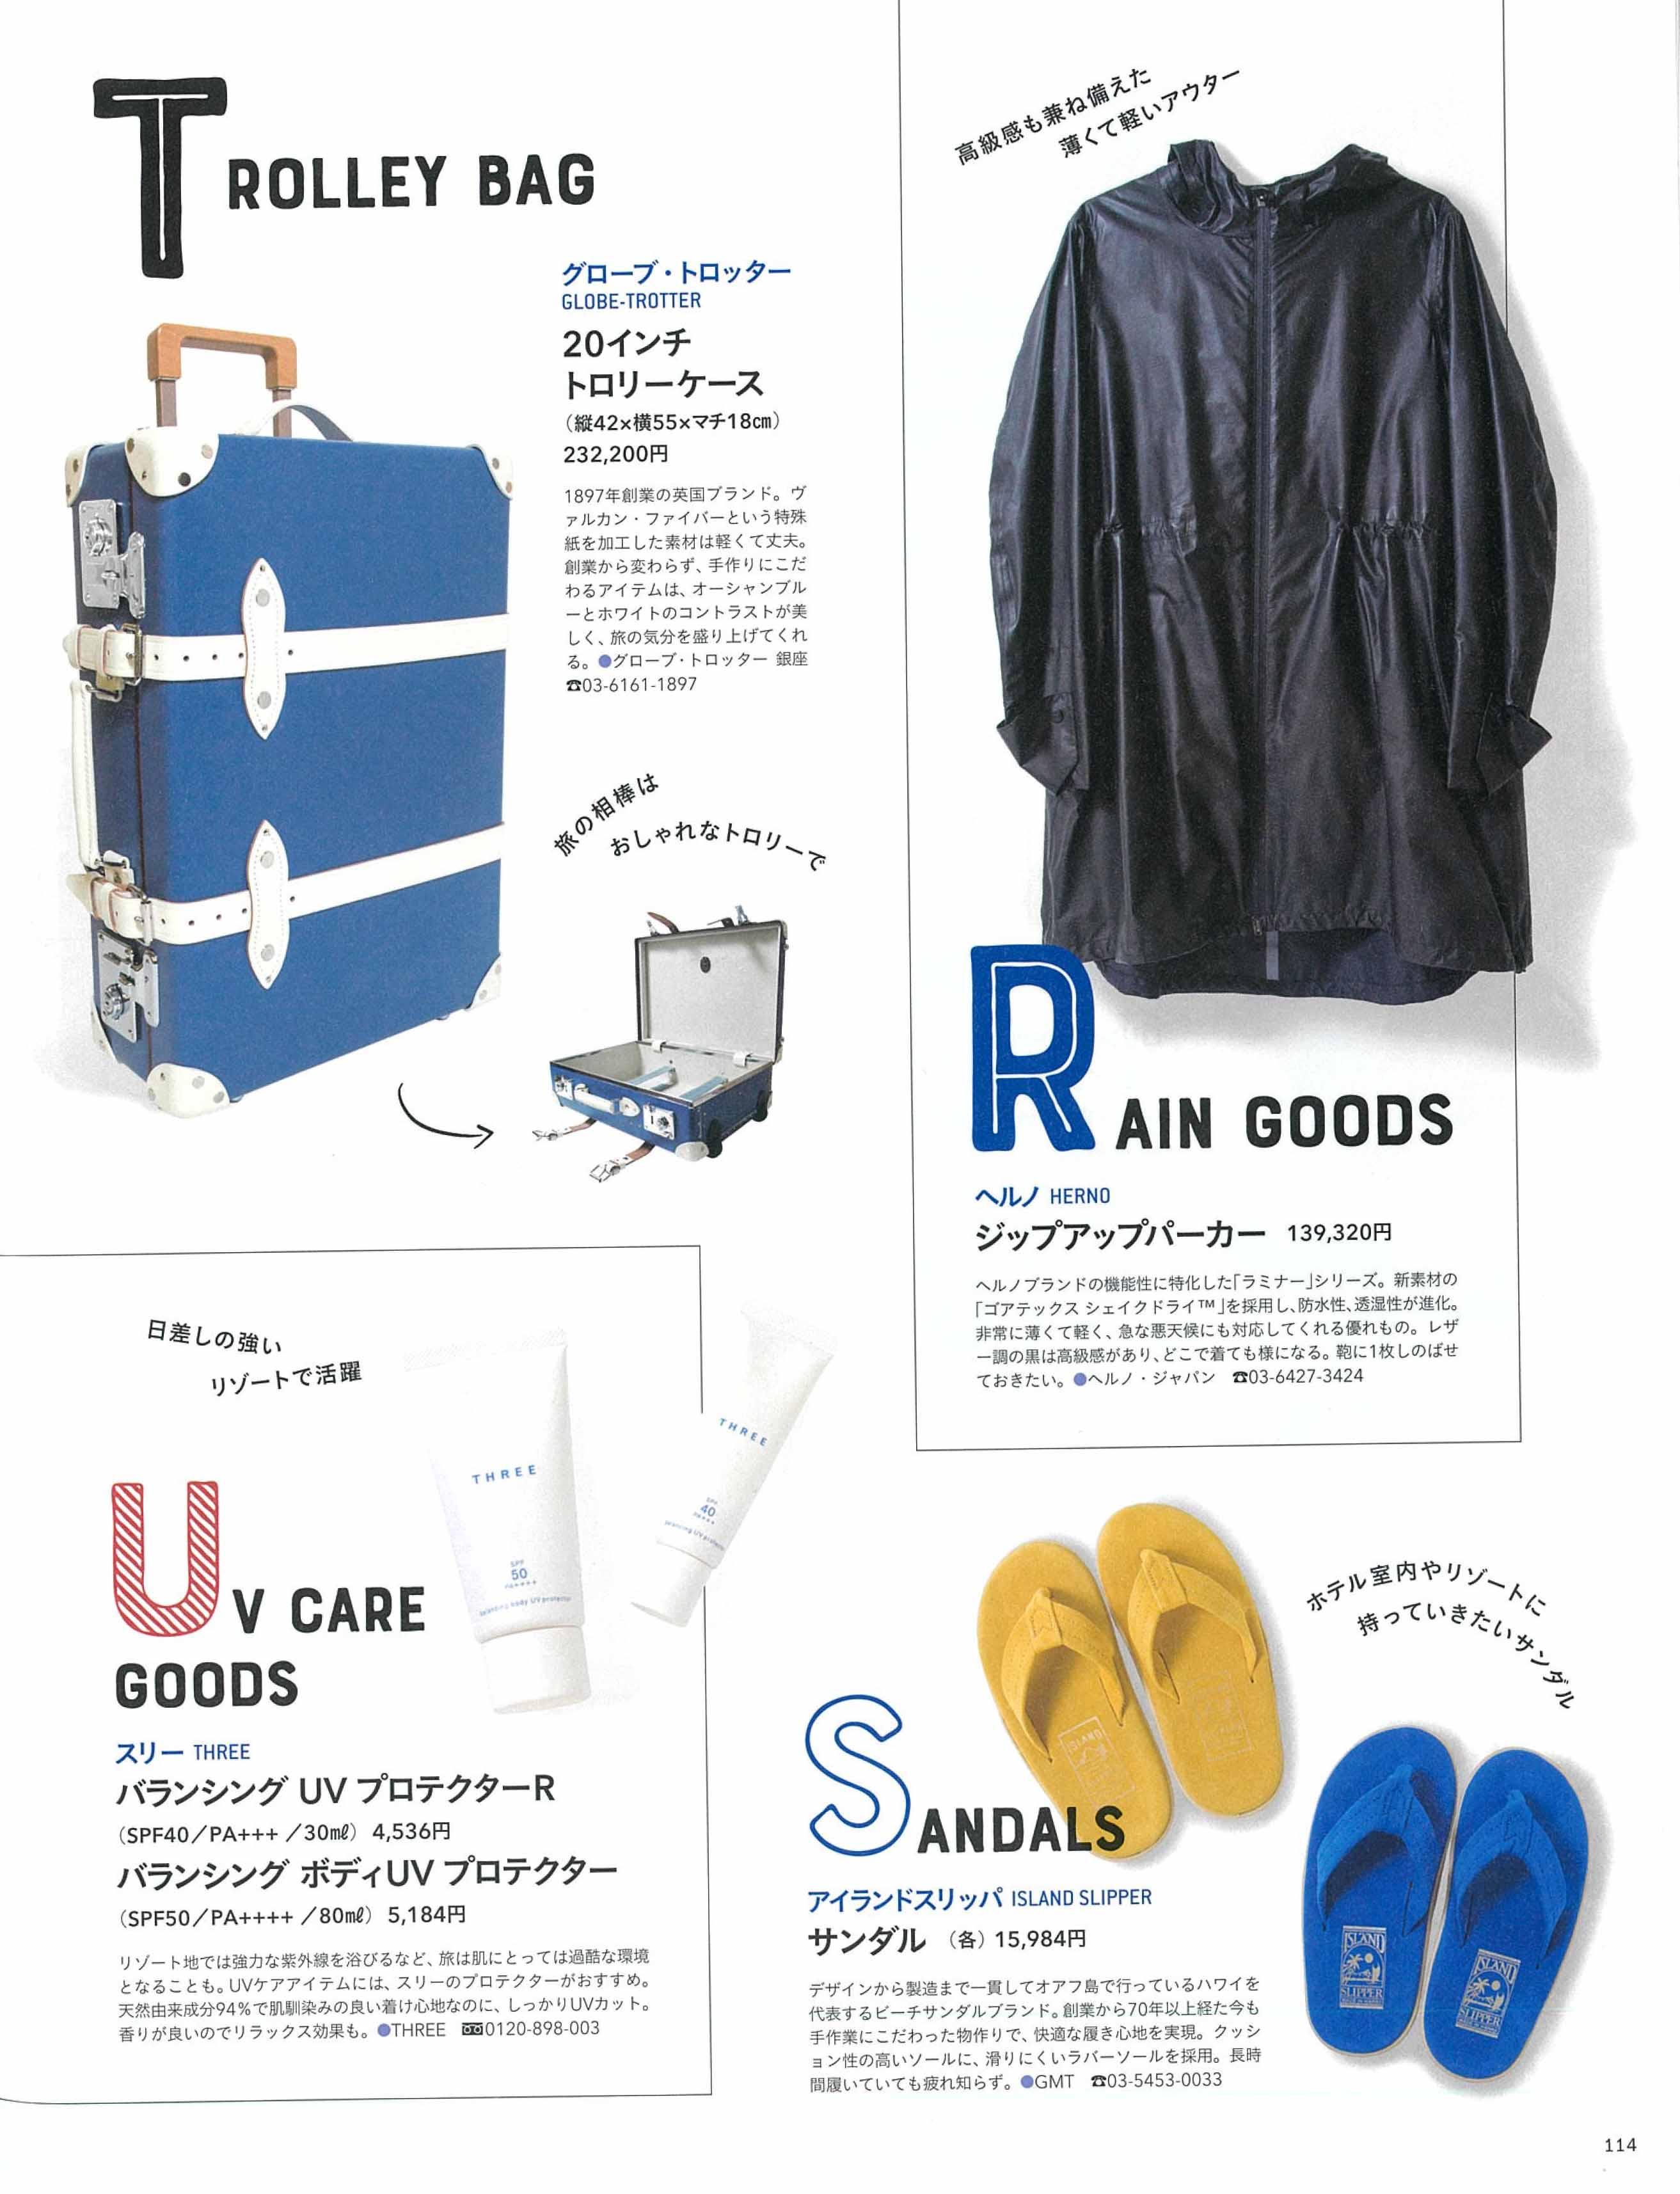 電子雑誌「旅色」